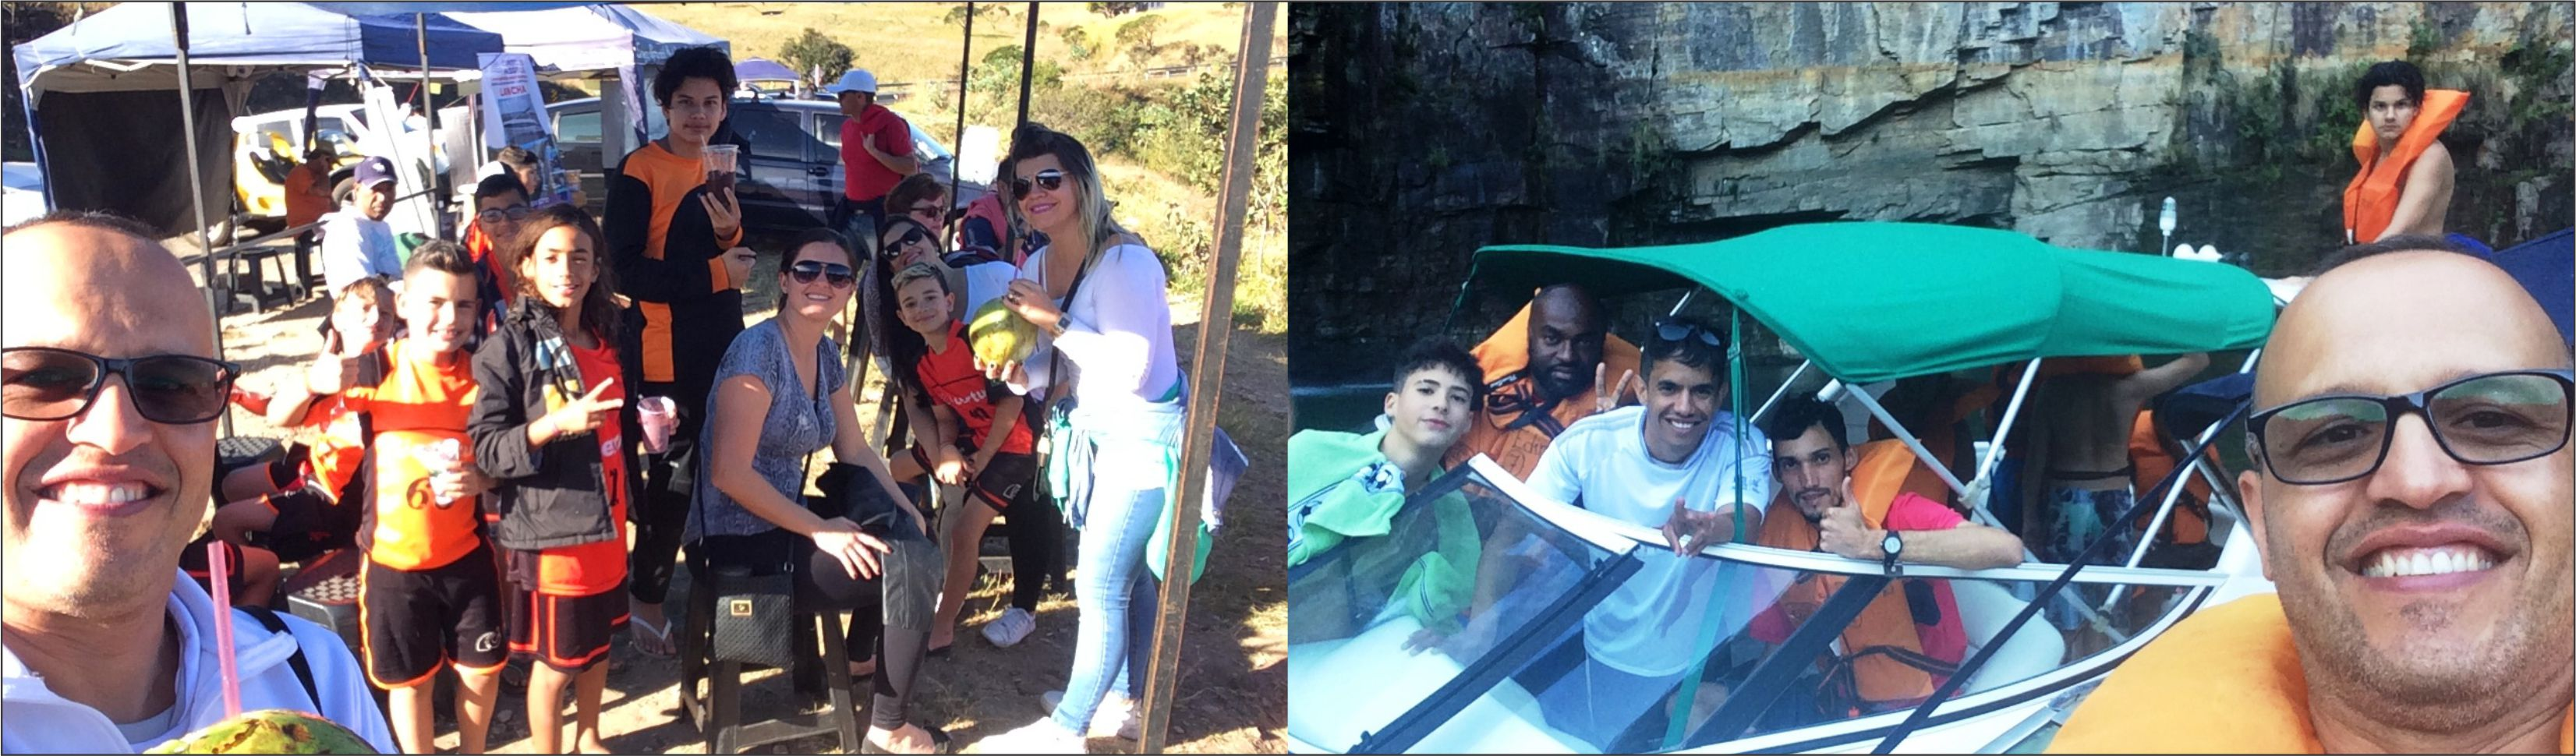 Intercambio Cultural Esportivo do Certus em Alpinópolis, Minas Gerais leva delegação de pais e alunos no 21º Encontro Brasileiro de Futsal